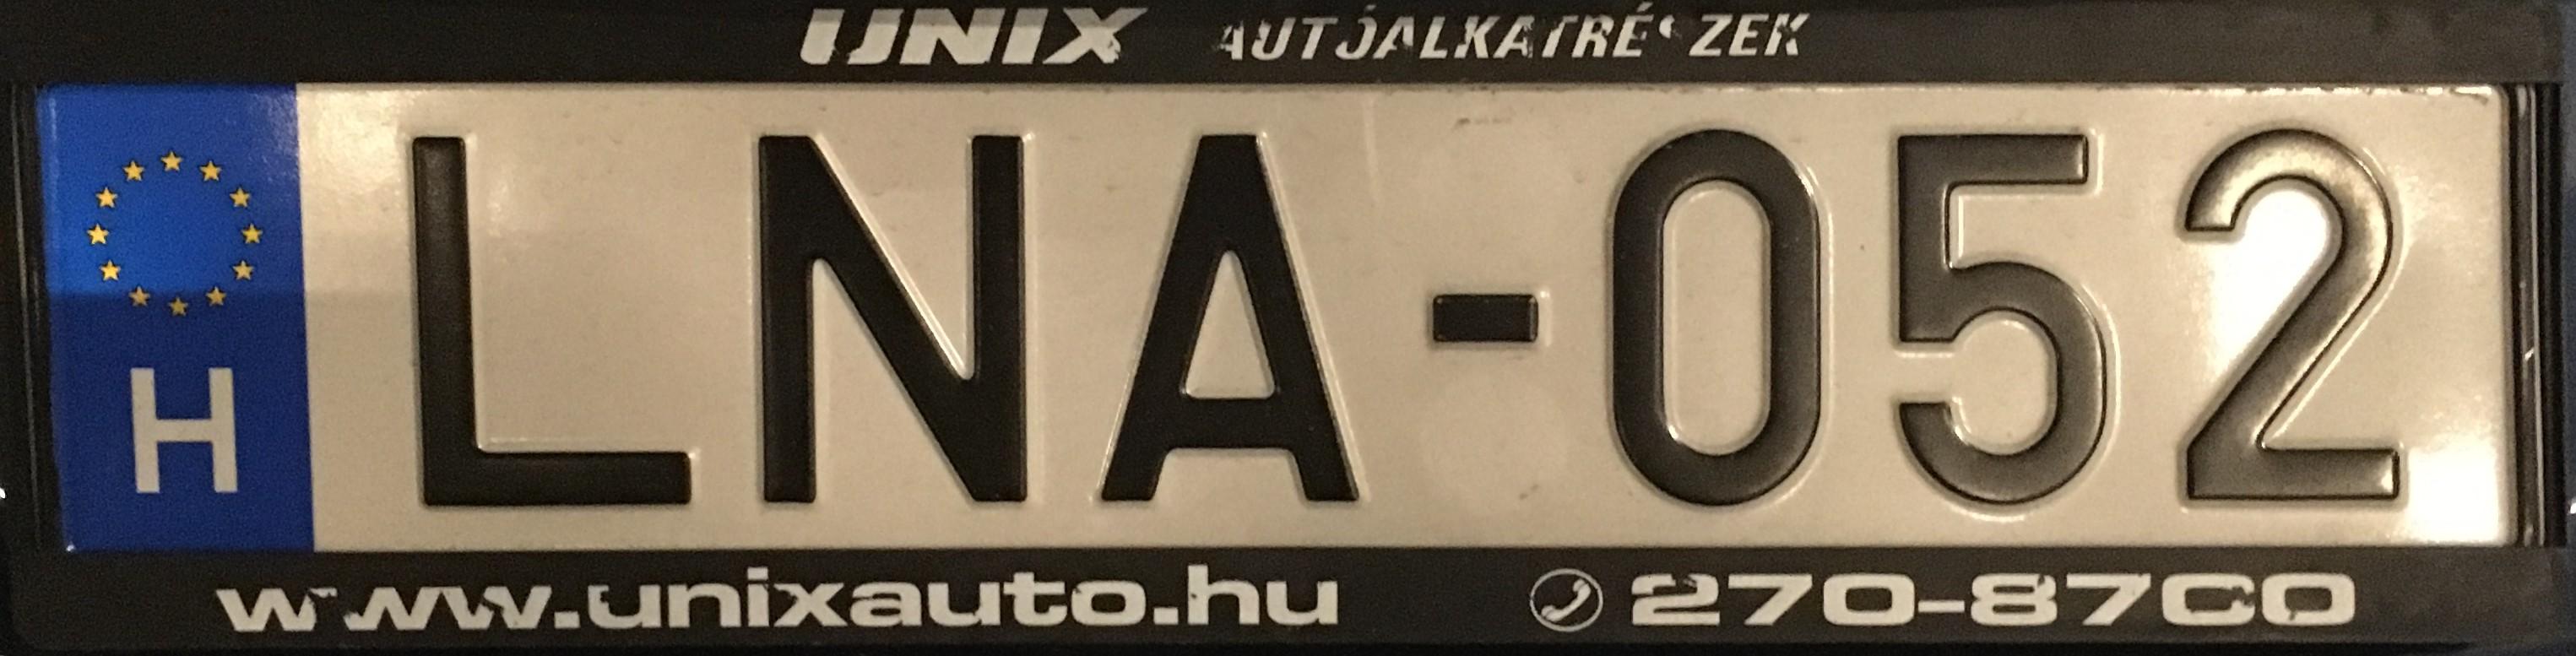 Maďarská registrační značka běžná, foto: vlastní